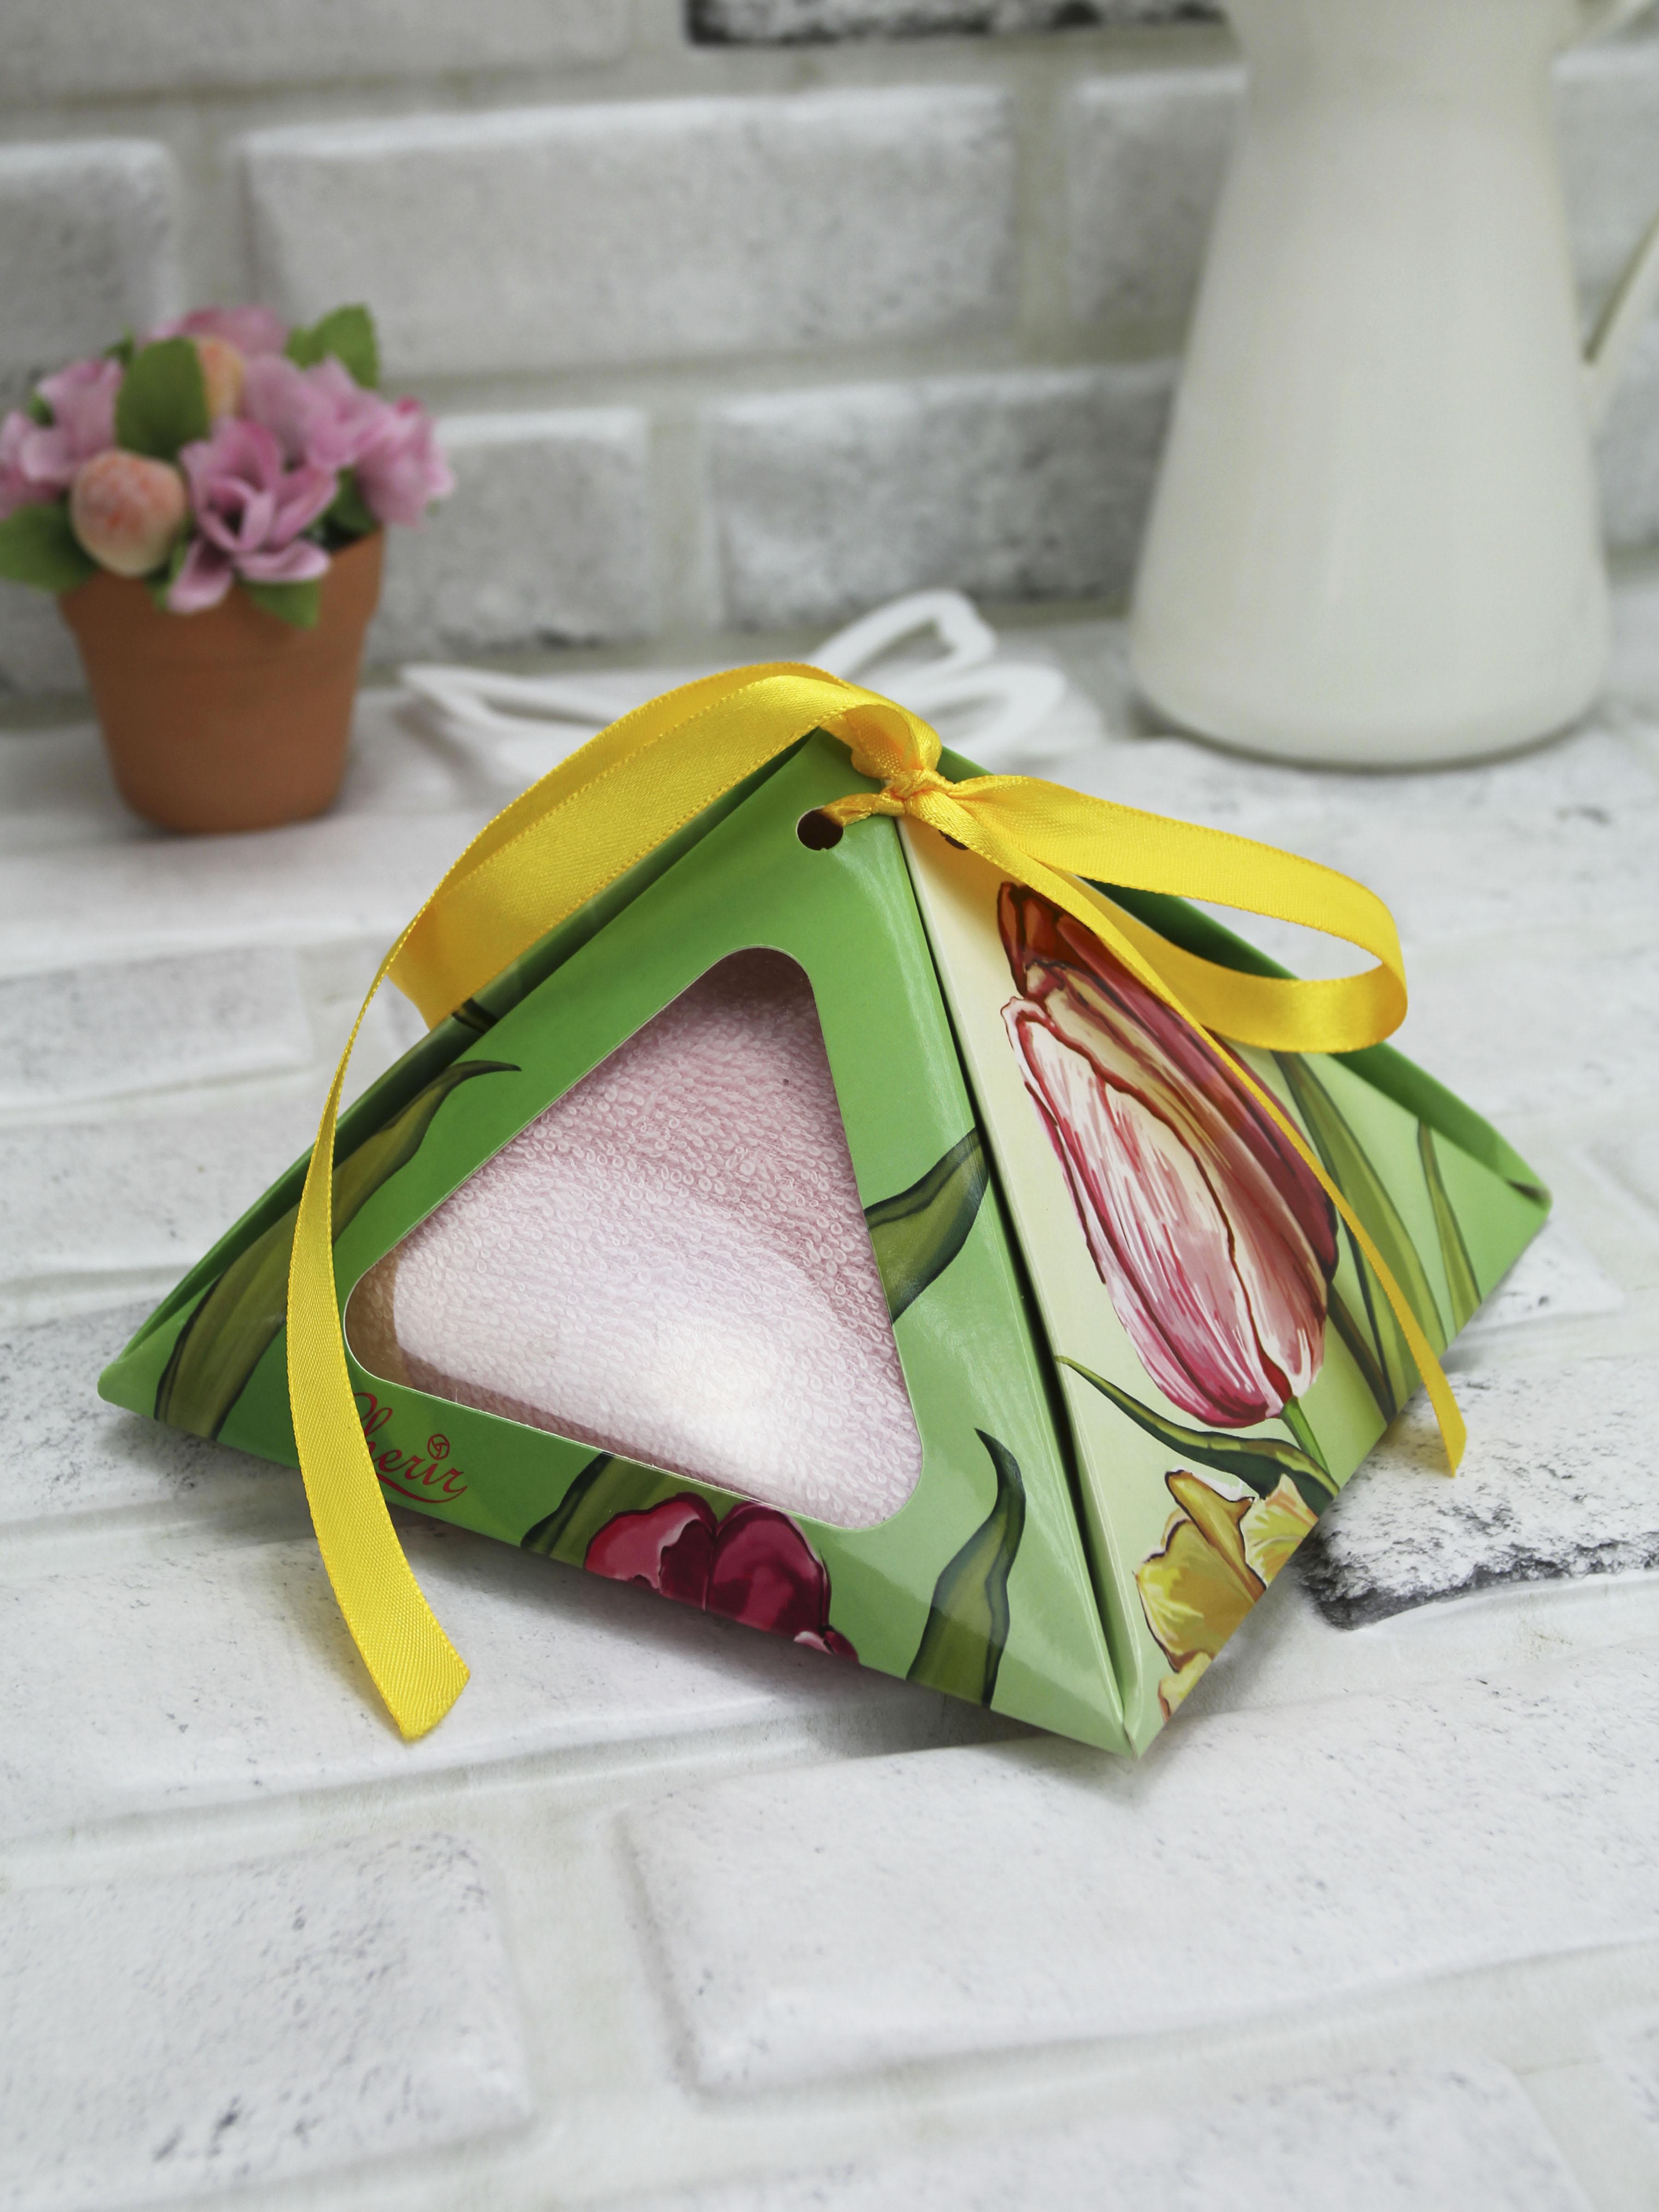 Набор кухонных полотенец Cherir Для любимой, Хлопок набор кухонных полотенец cherir груша 45 70 см 2 предмета